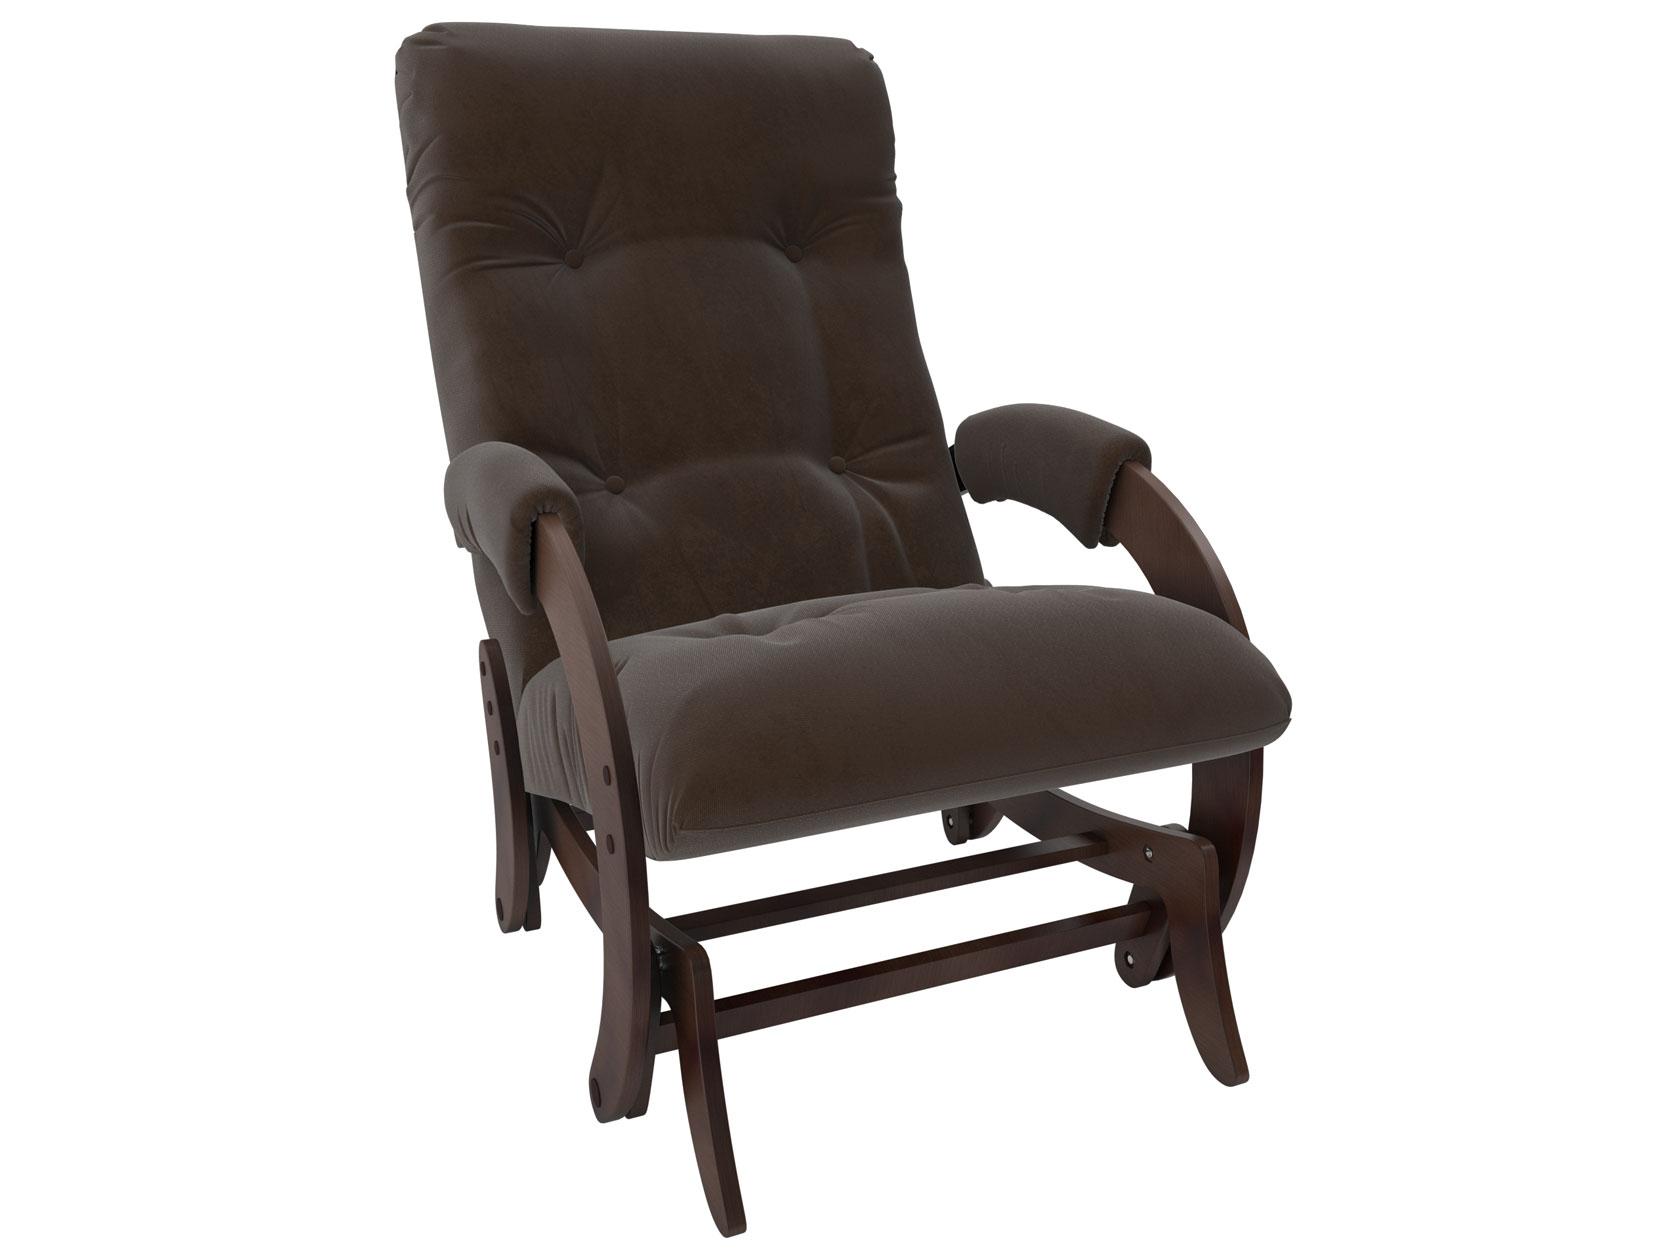 Кресло-глайдер 150-100248